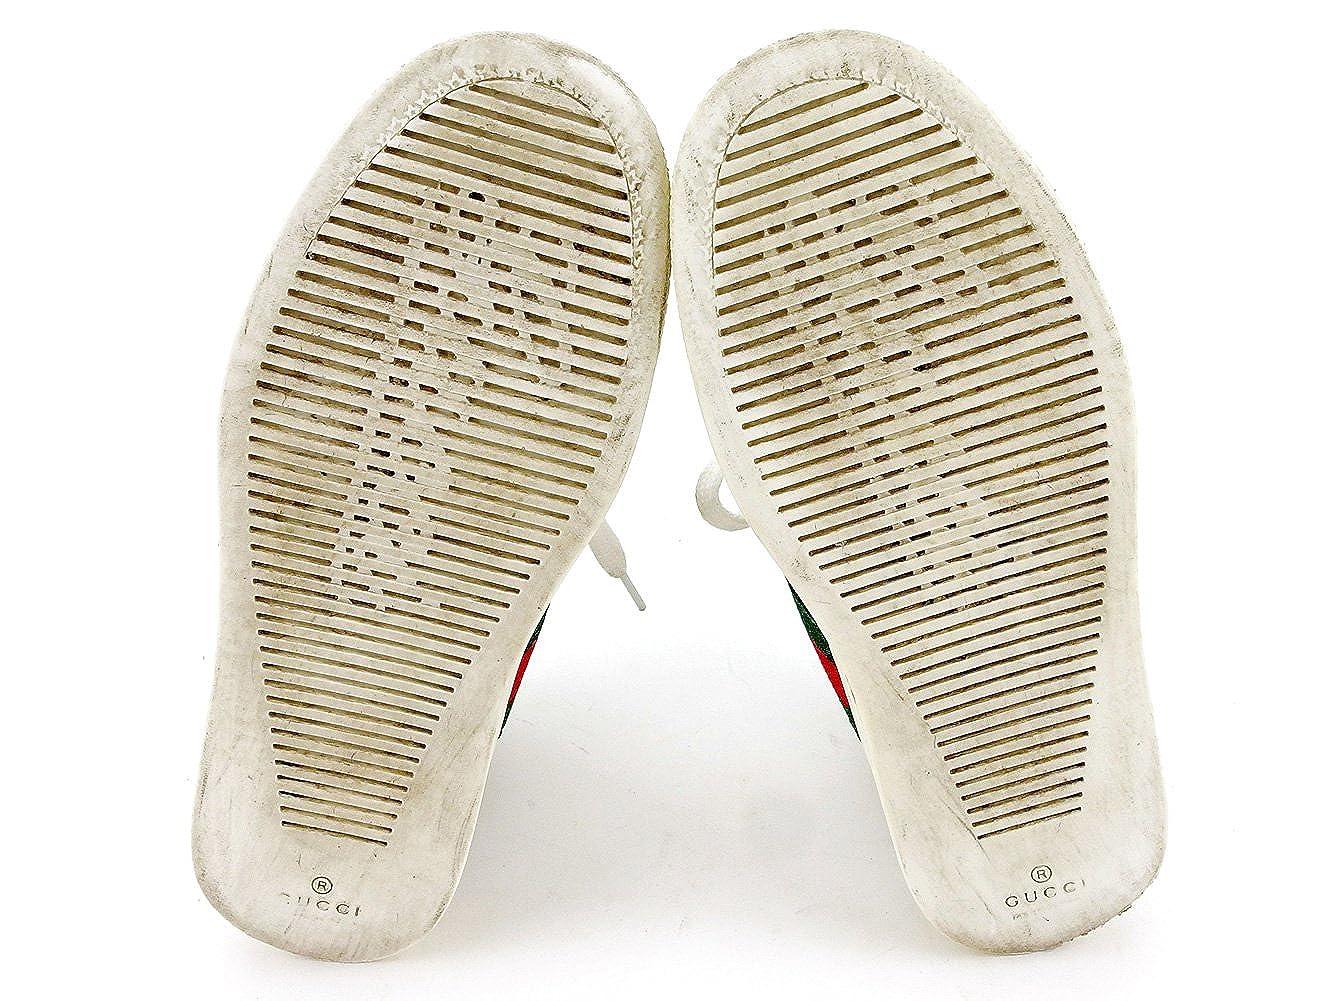 a80f7c02648b Amazon | グッチ GUCCI スニーカー シューズ 靴 ガールズ ボーイズ 可 ♯30 ハイカット 271264 キッズ ウェビングライン 中古  T4036 | GUCCI(グッチ)